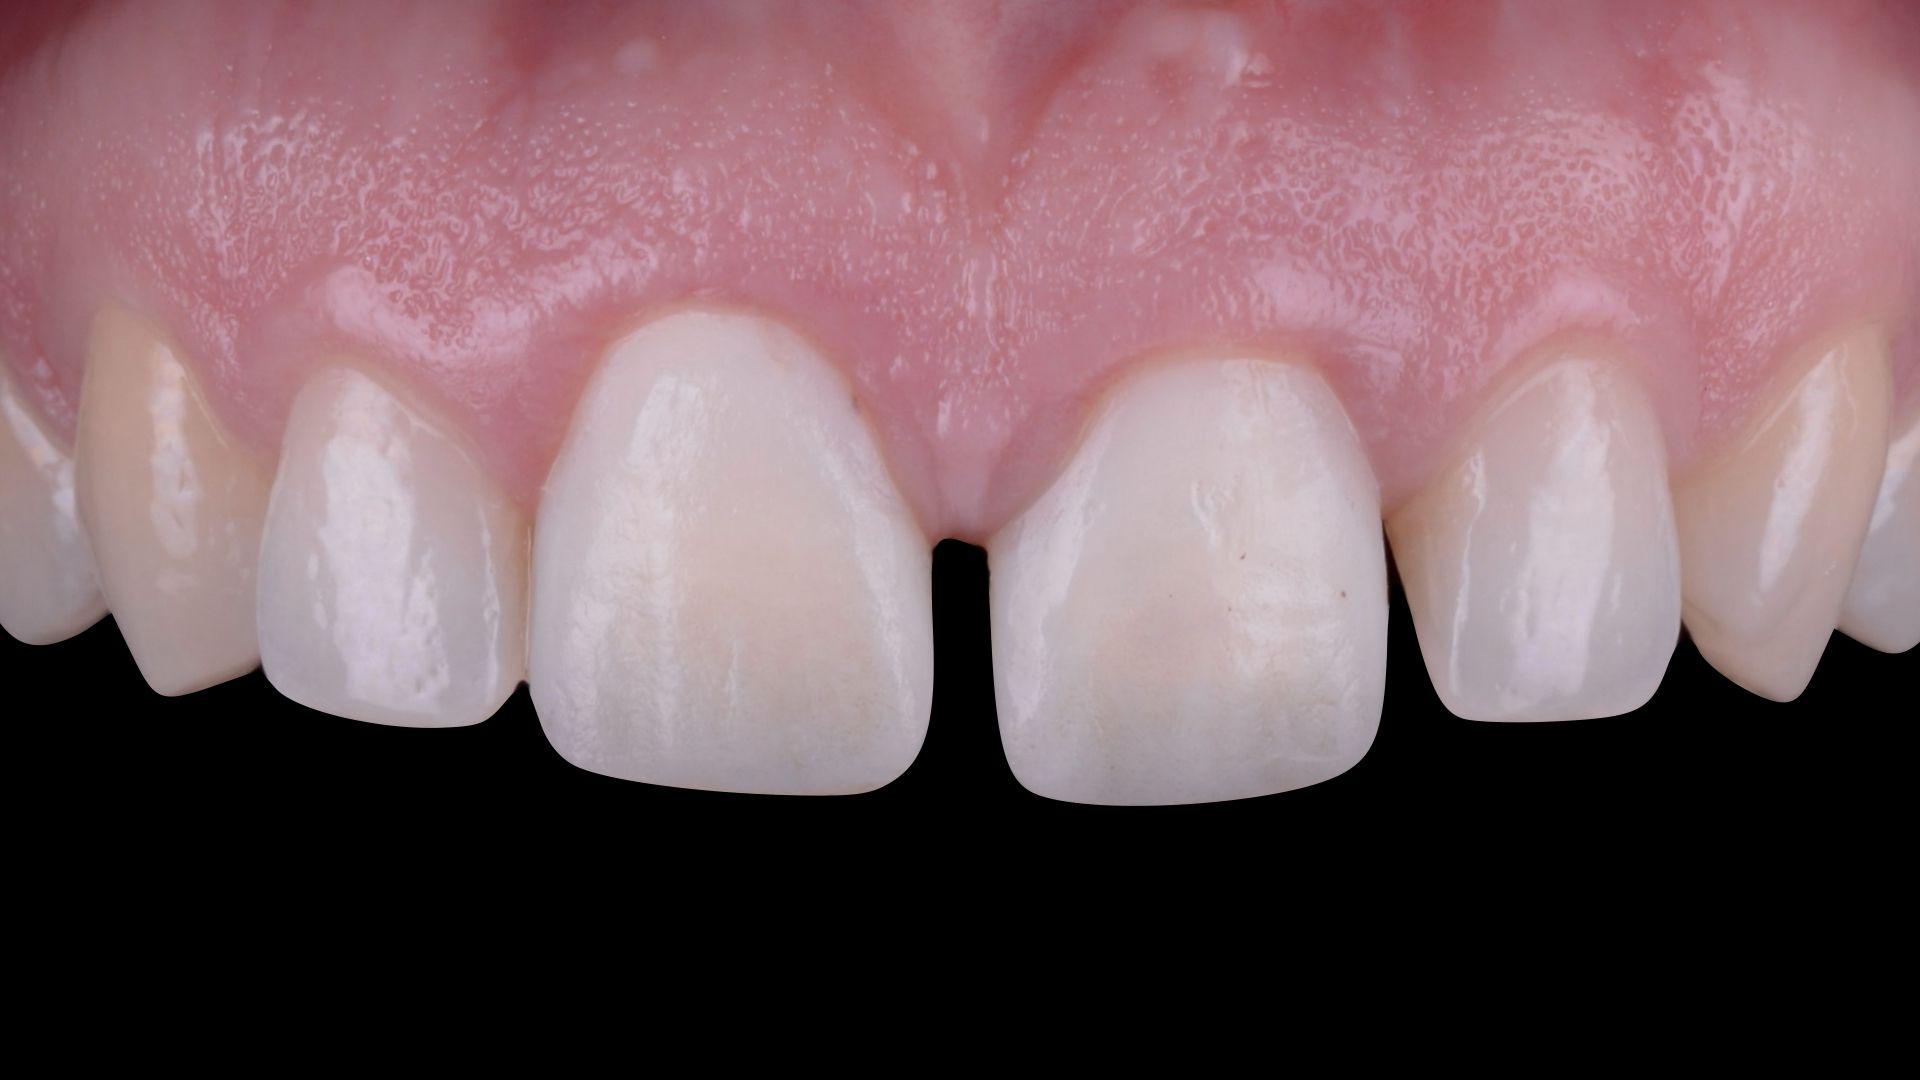 Фронтальных Зубов Верхней Челюсти